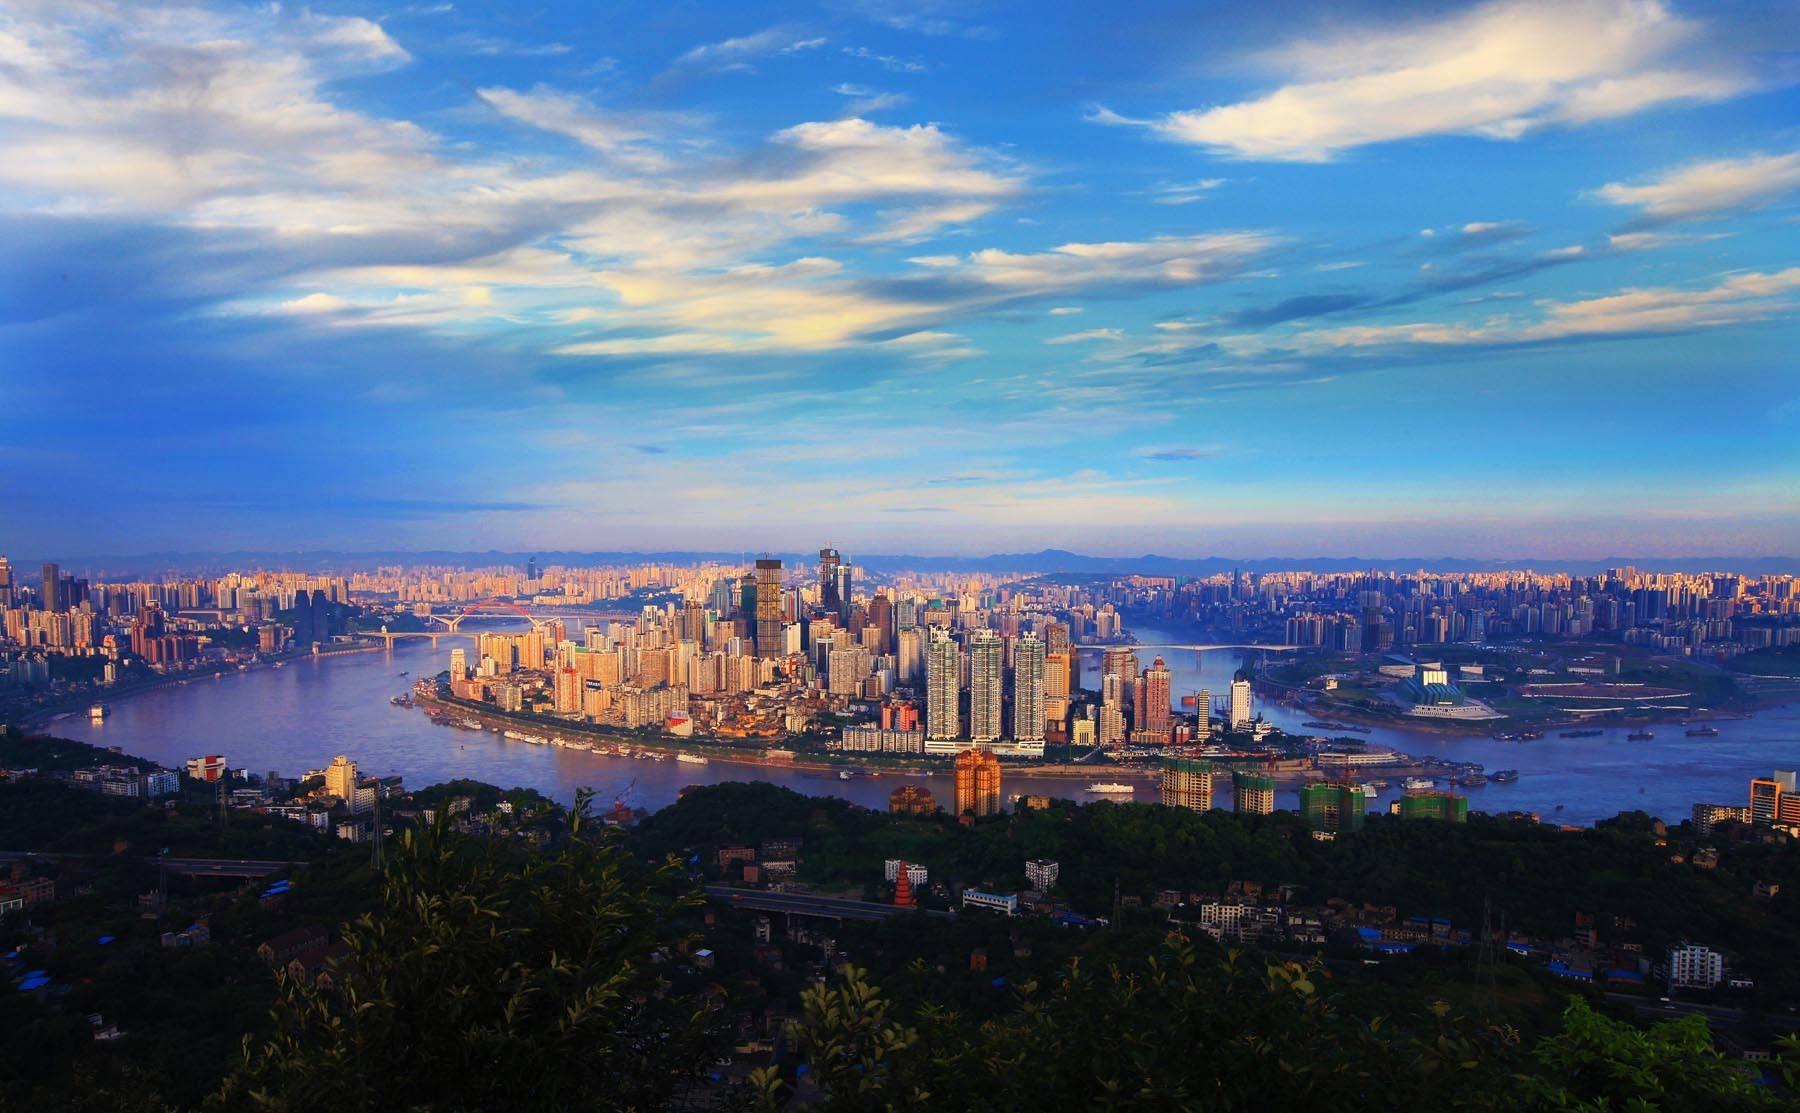 2021年6月重慶各區房價排行榜,渝中區房價小幅度下跌